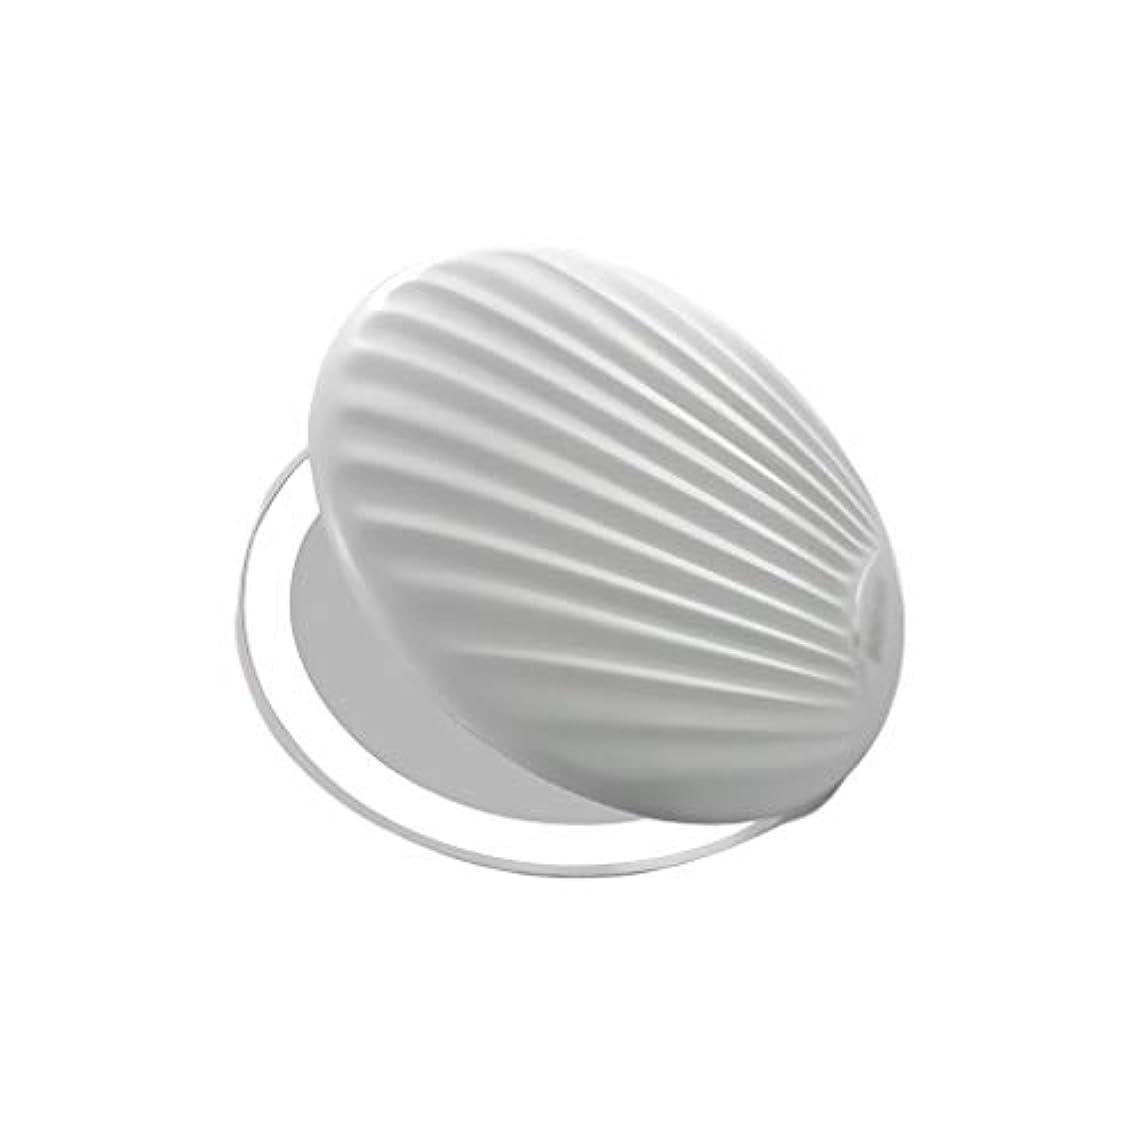 皮肉パイントシリンダー高品質化粧鏡 小型ポータブル折りたたみミラー付きライト小型ミラーで充電LEDシェル化粧鏡 ポータブル (Color : White, サイズ : 9*9cm)